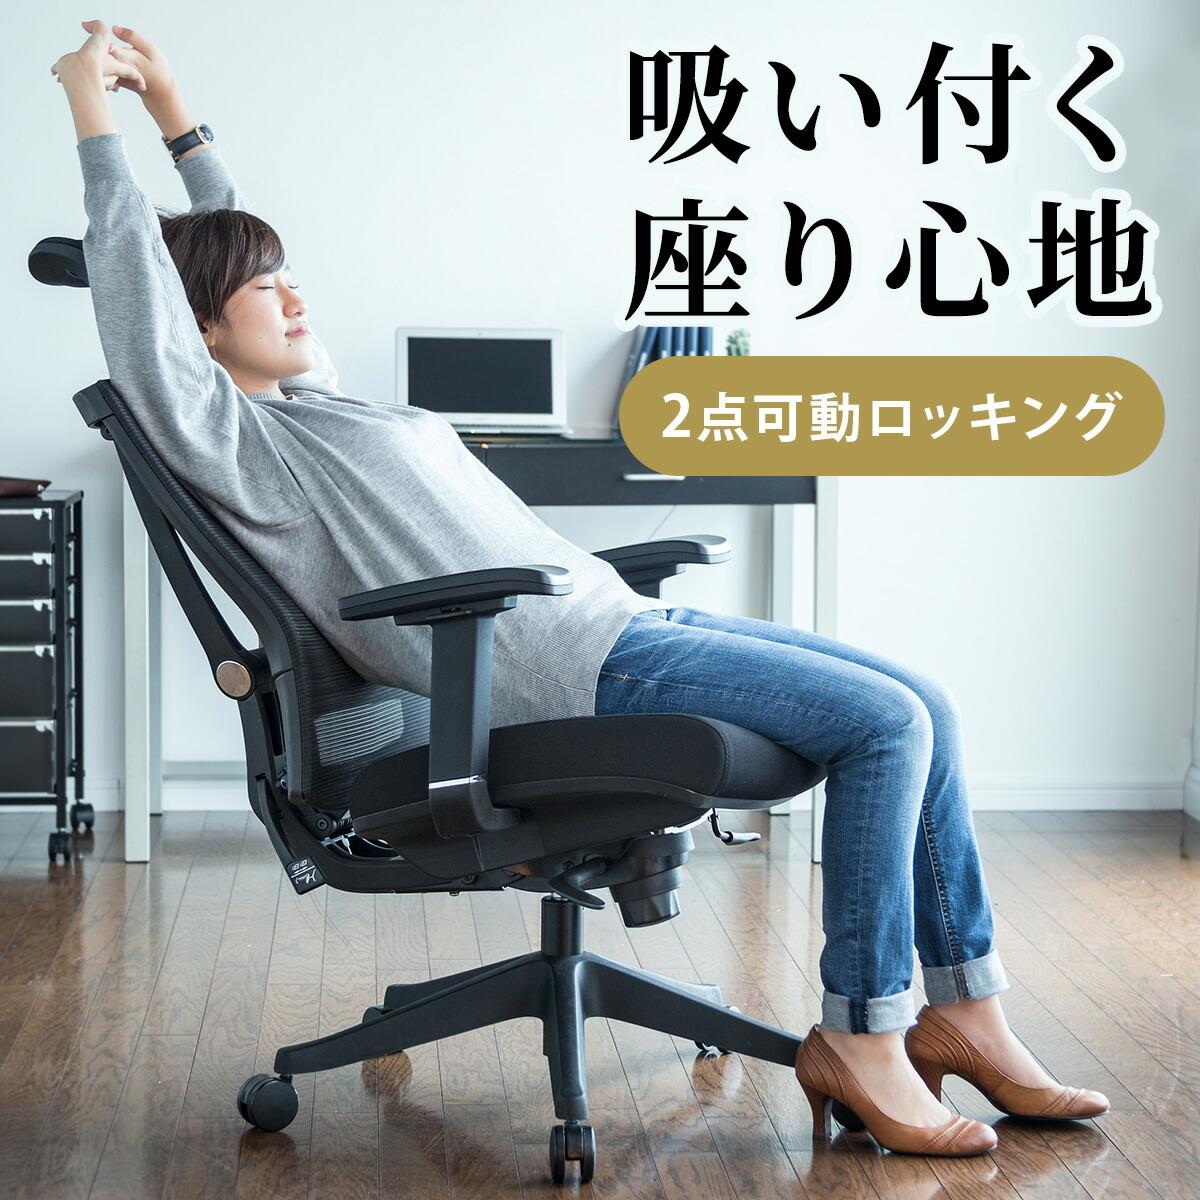 メッシュチェア ヘッドレスト付 ランバーサポート付 ロッキング 肘掛け 座面前後スライド可能 キャスター付き ブラック ネットチェア パソコンチェア オフィスチェア デスクチェア 椅子